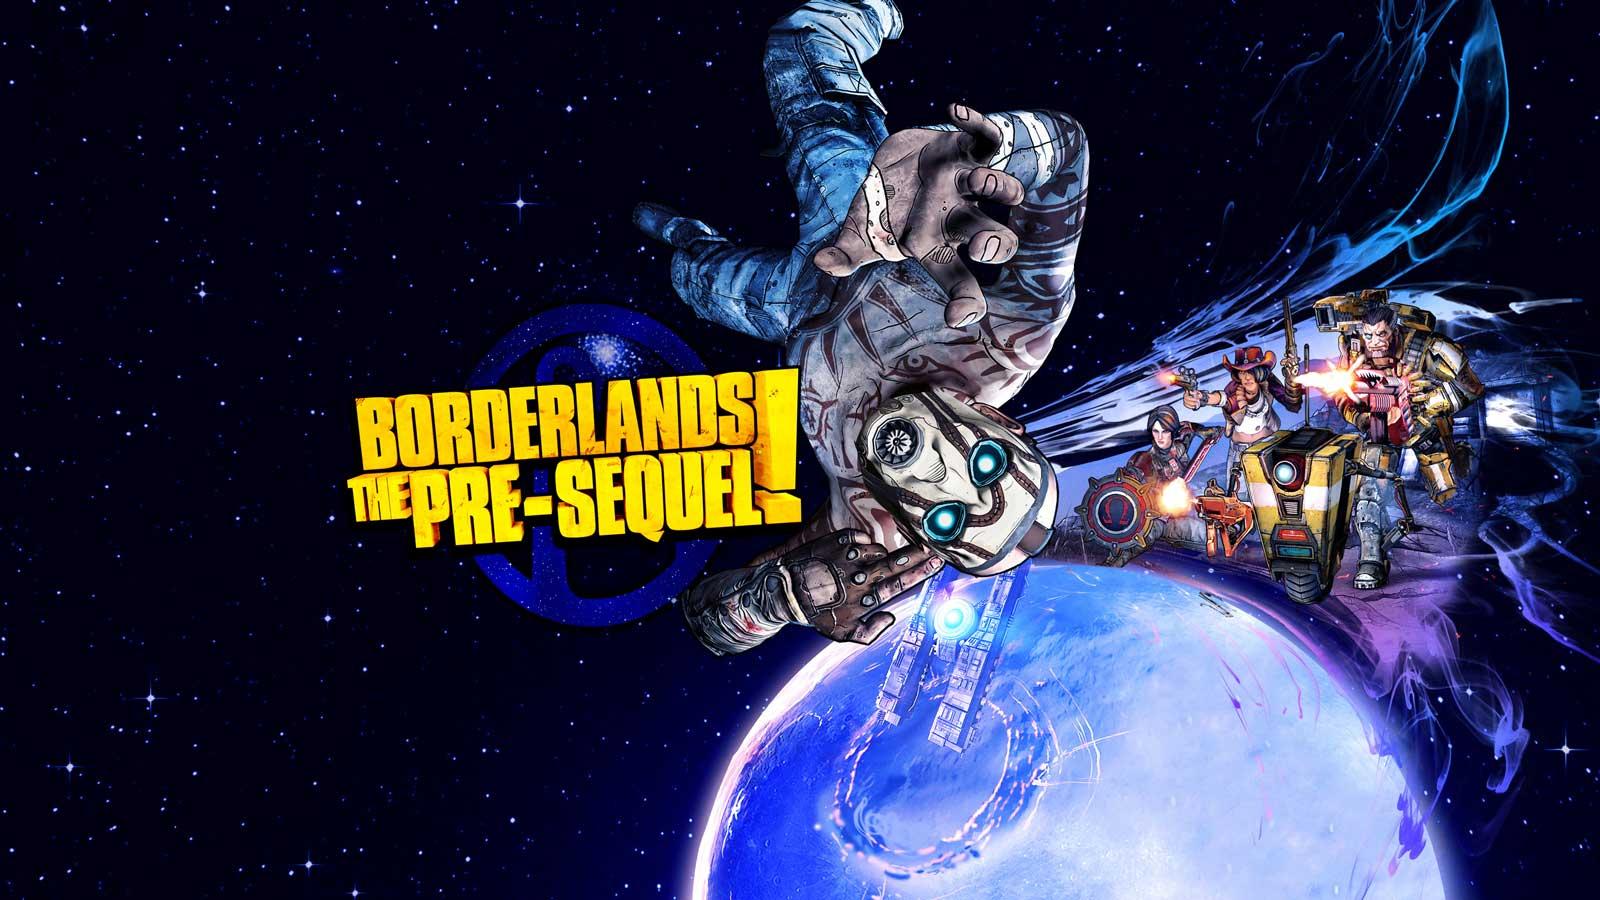 Borderlands Pre-Sequel